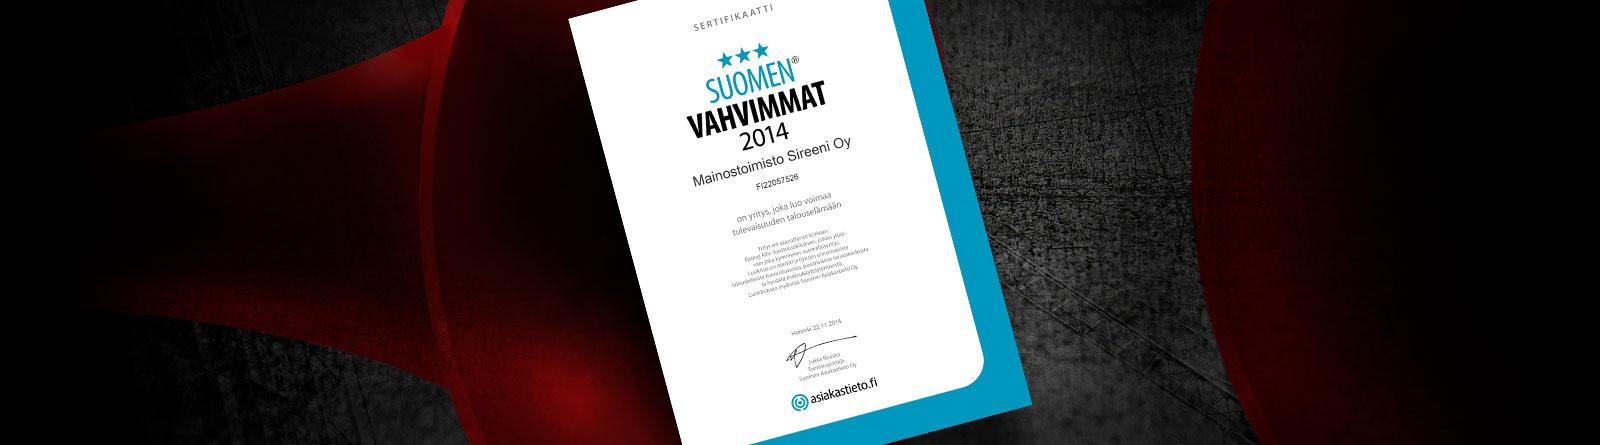 Mainostoimisto Sireenille Suomen Vahvimmat -sertifikaatti